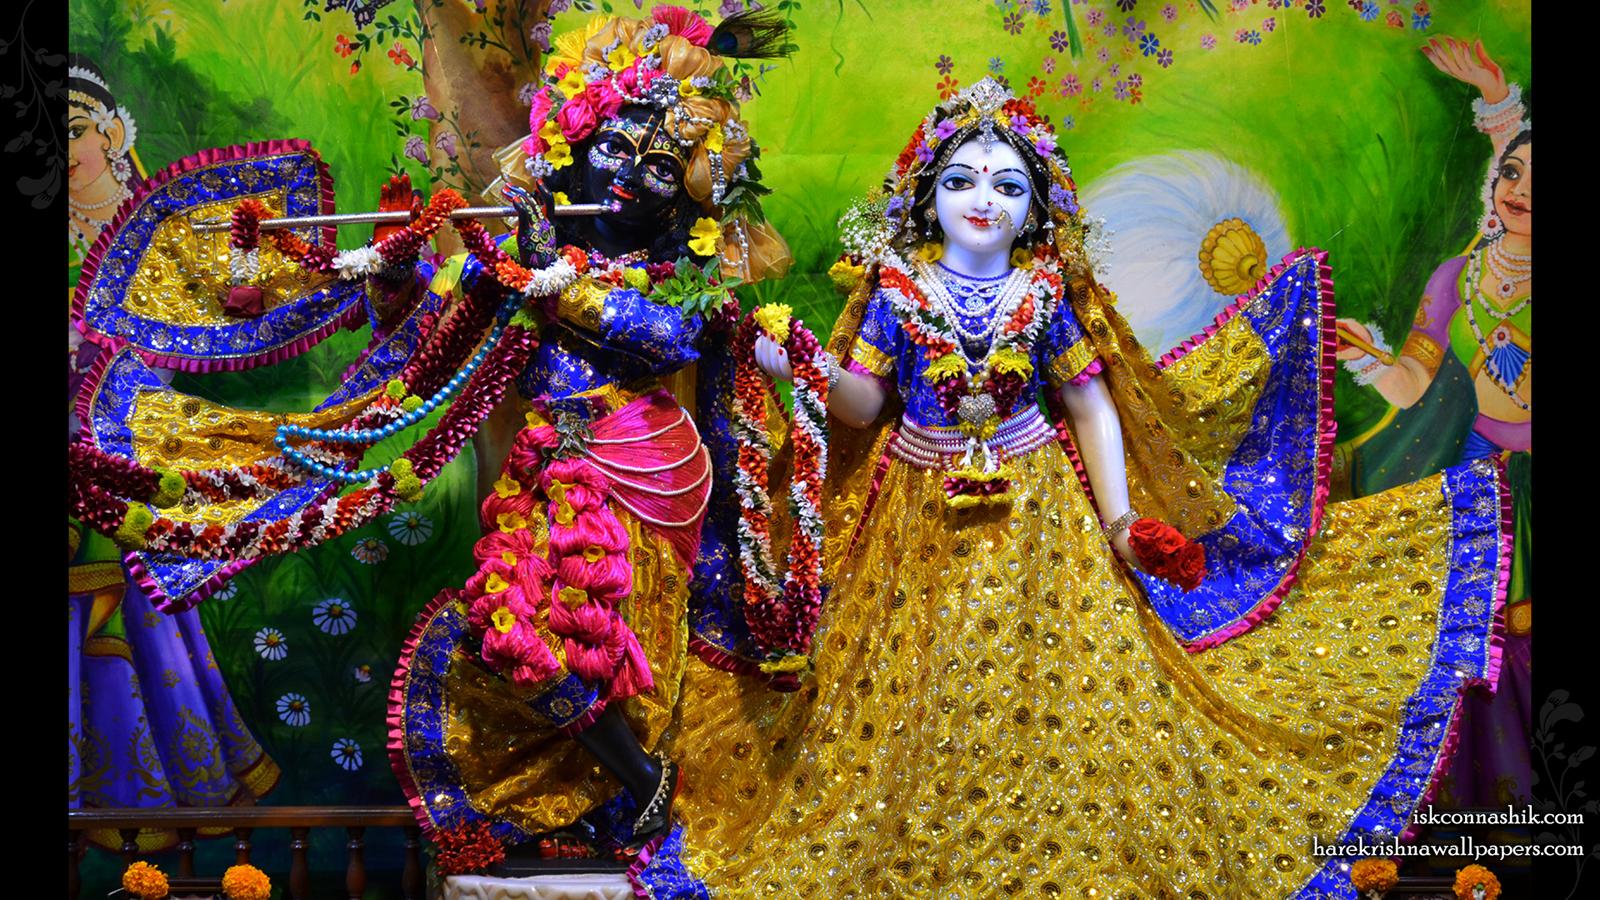 Sri Sri Radha Madan Gopal Wallpaper (018) Size 1600x900 Download